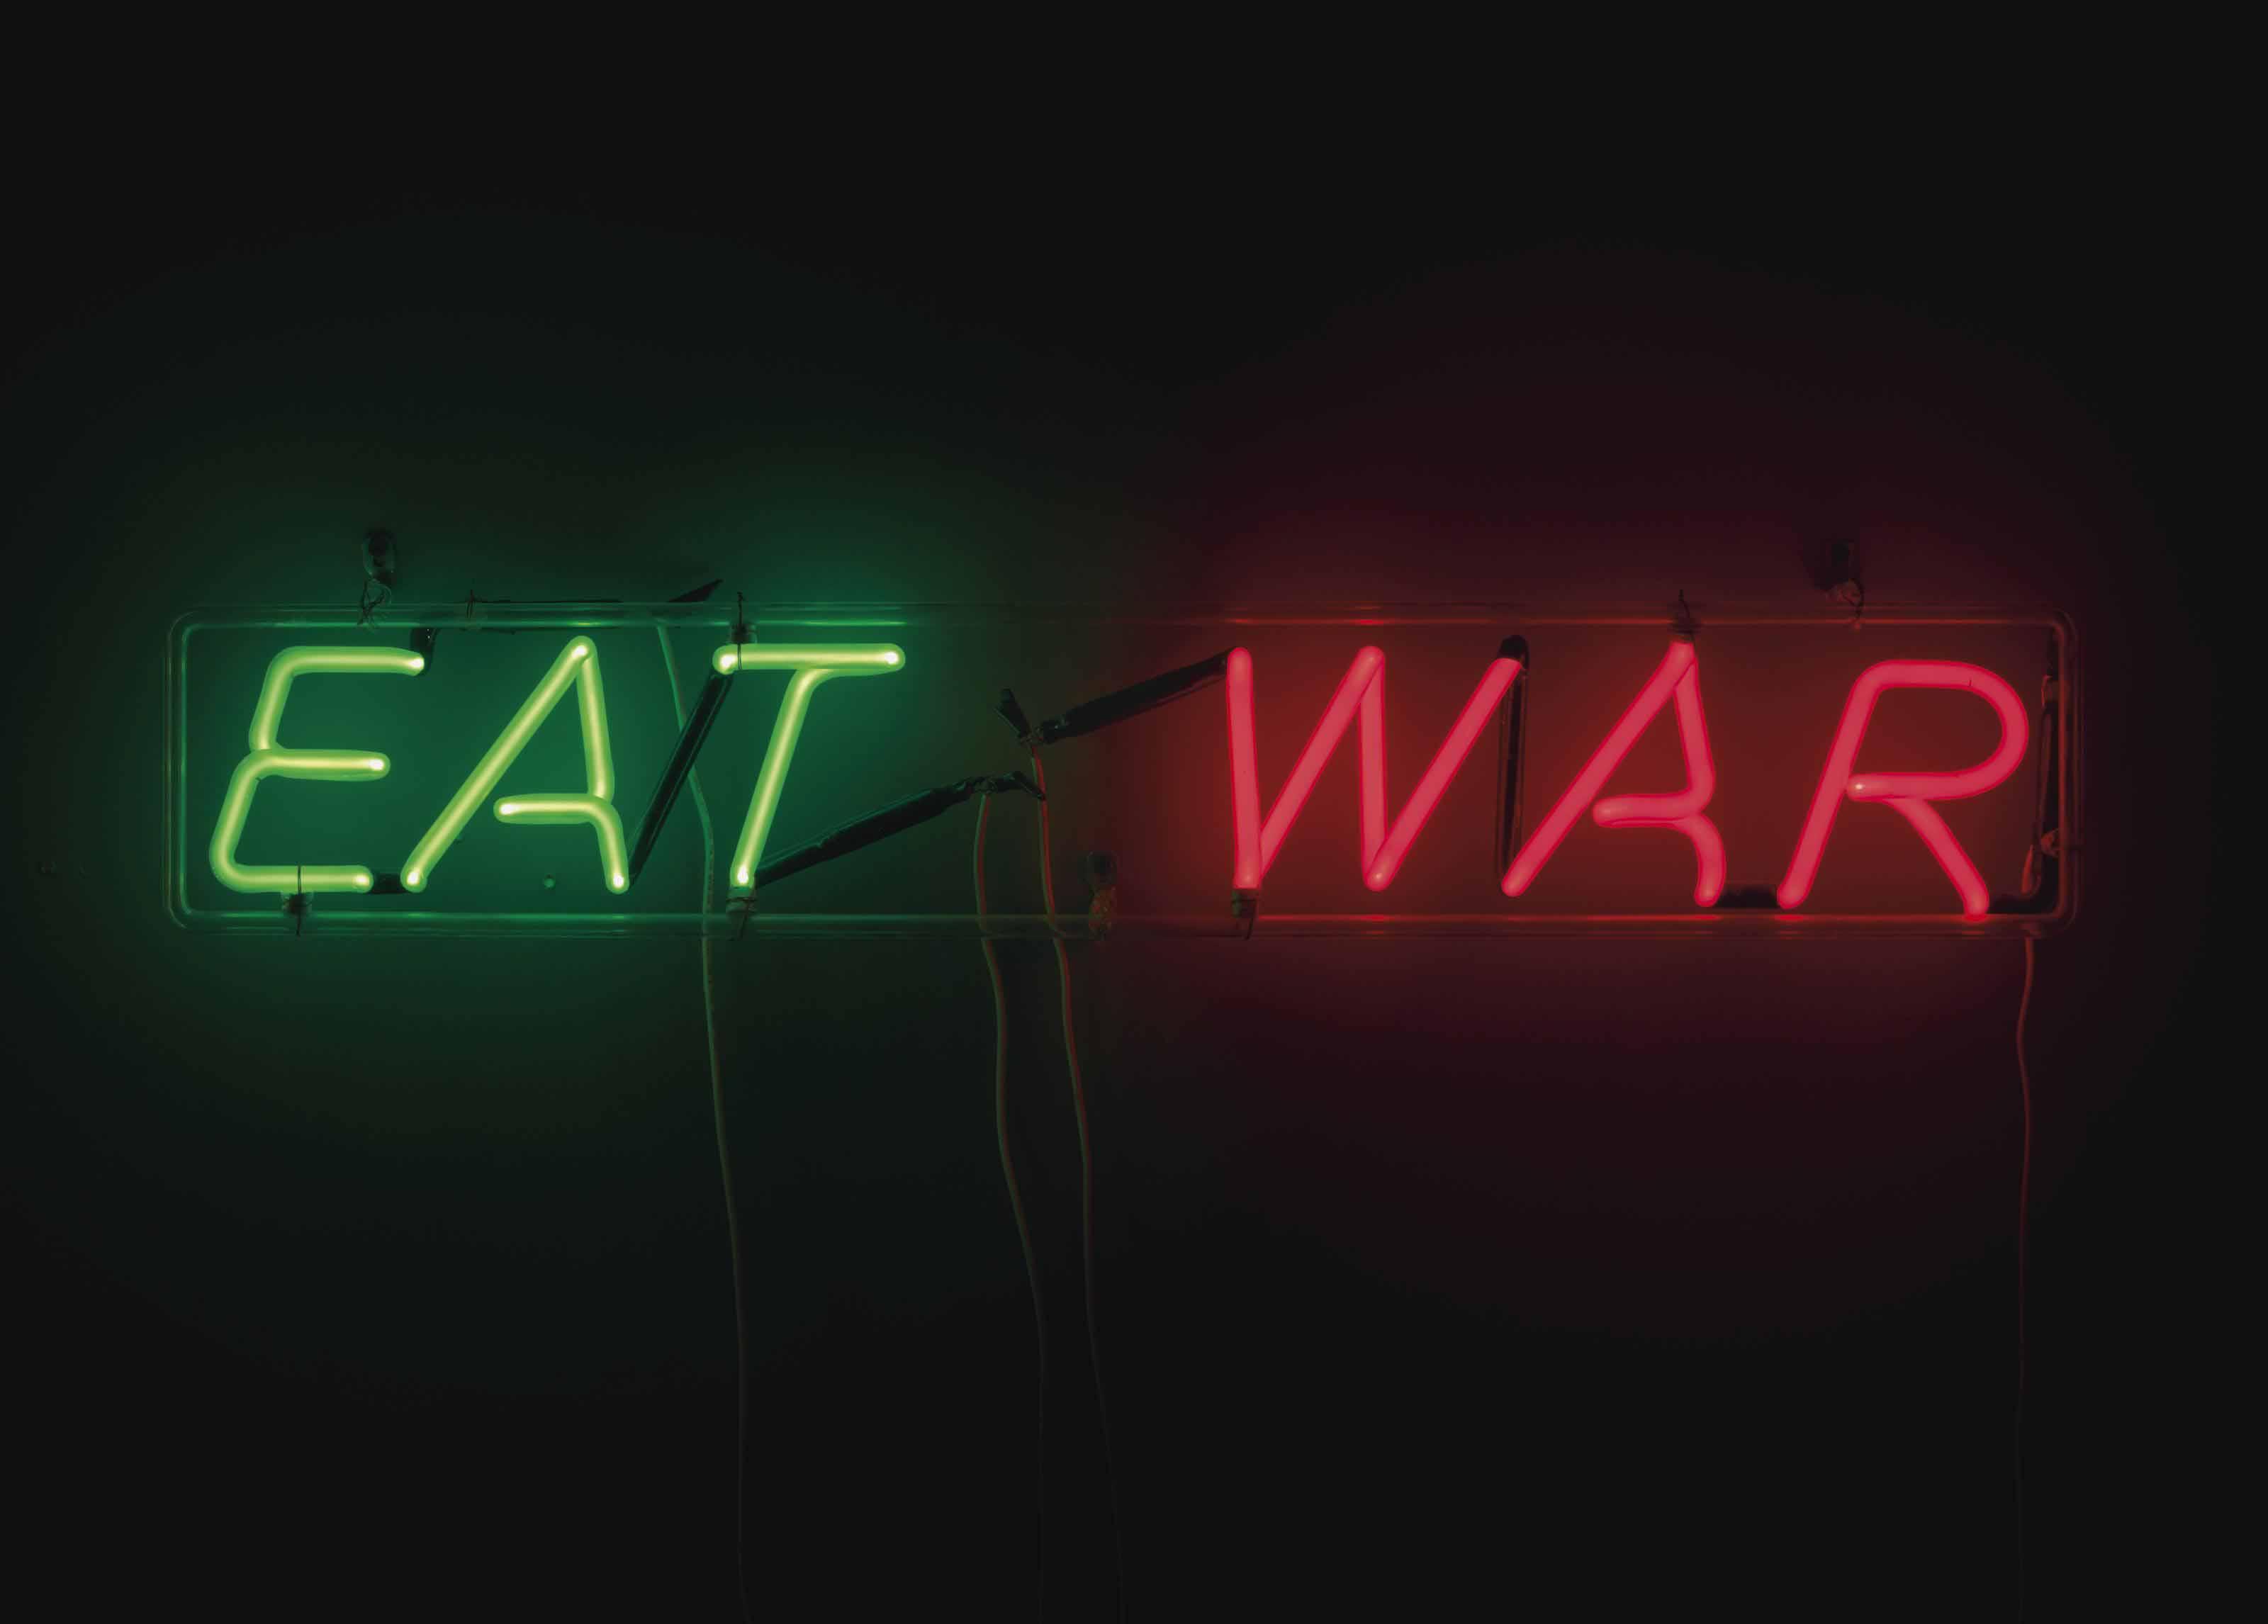 Eat War